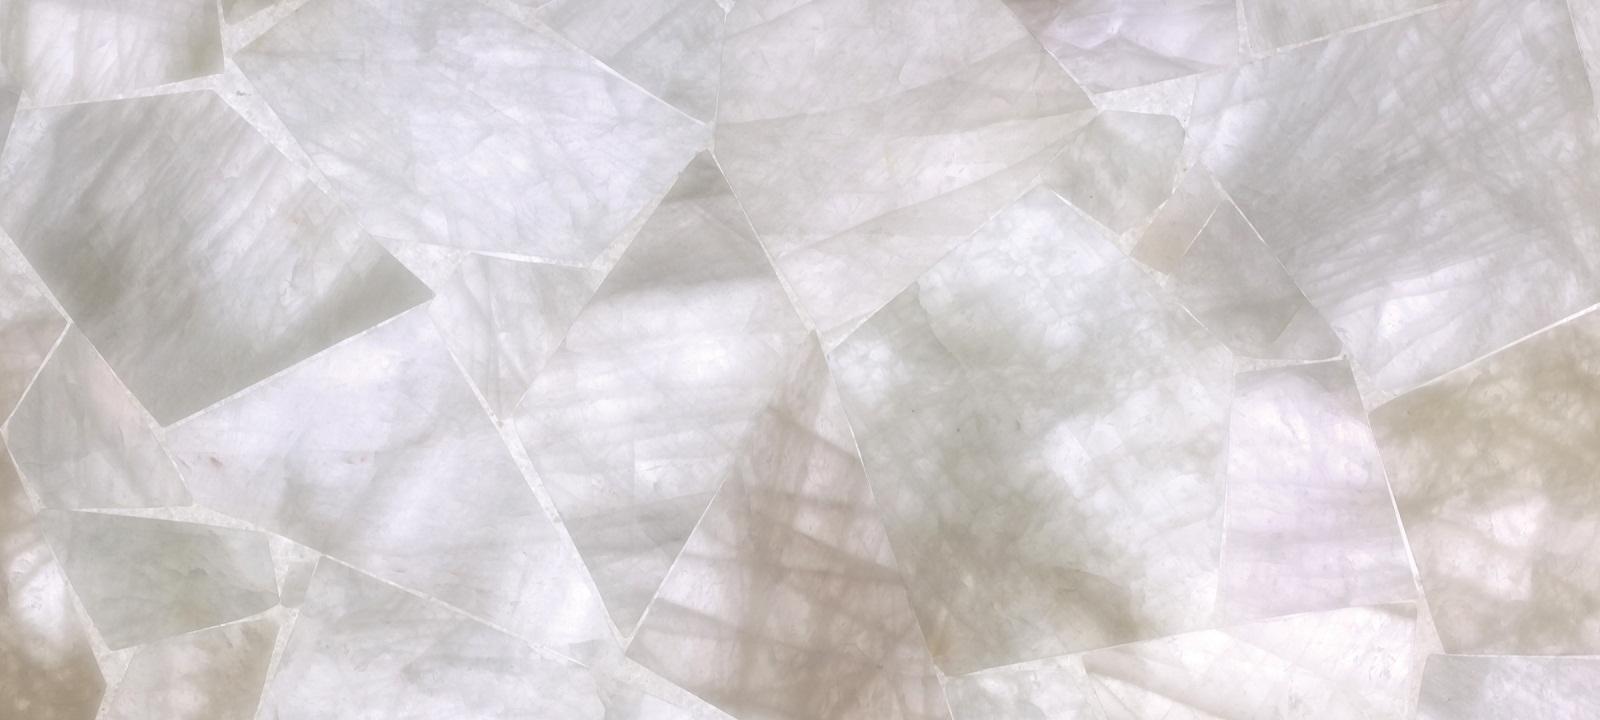 White-Quartz.jpg